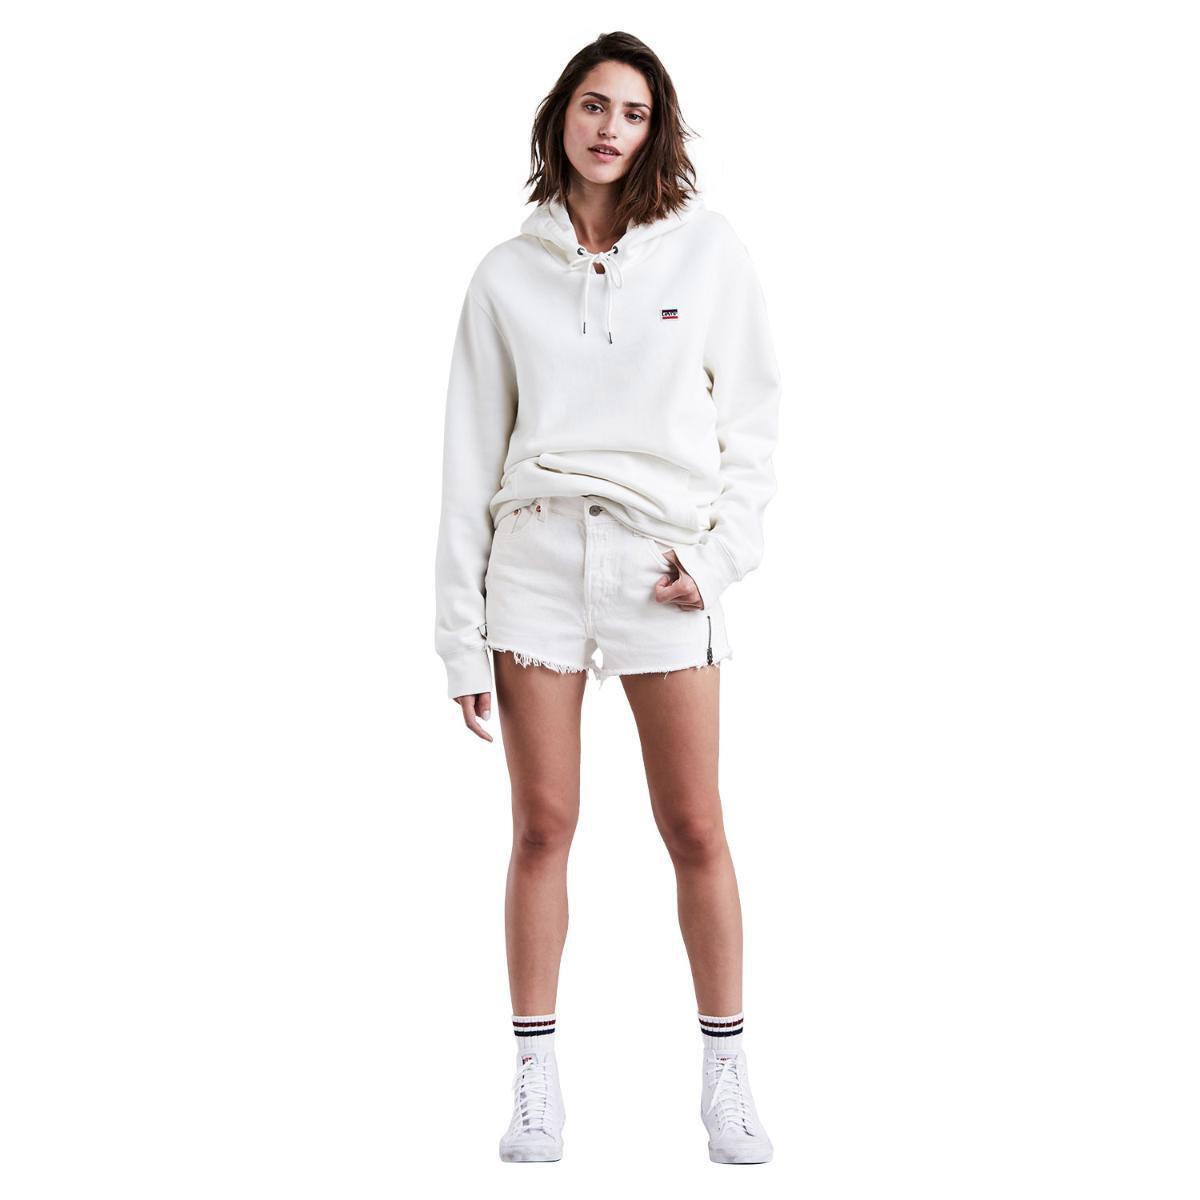 Shorts Jeans Levis 501 Altered Zip Feminino - Branco - Compre Agora ... bd3697a6dea